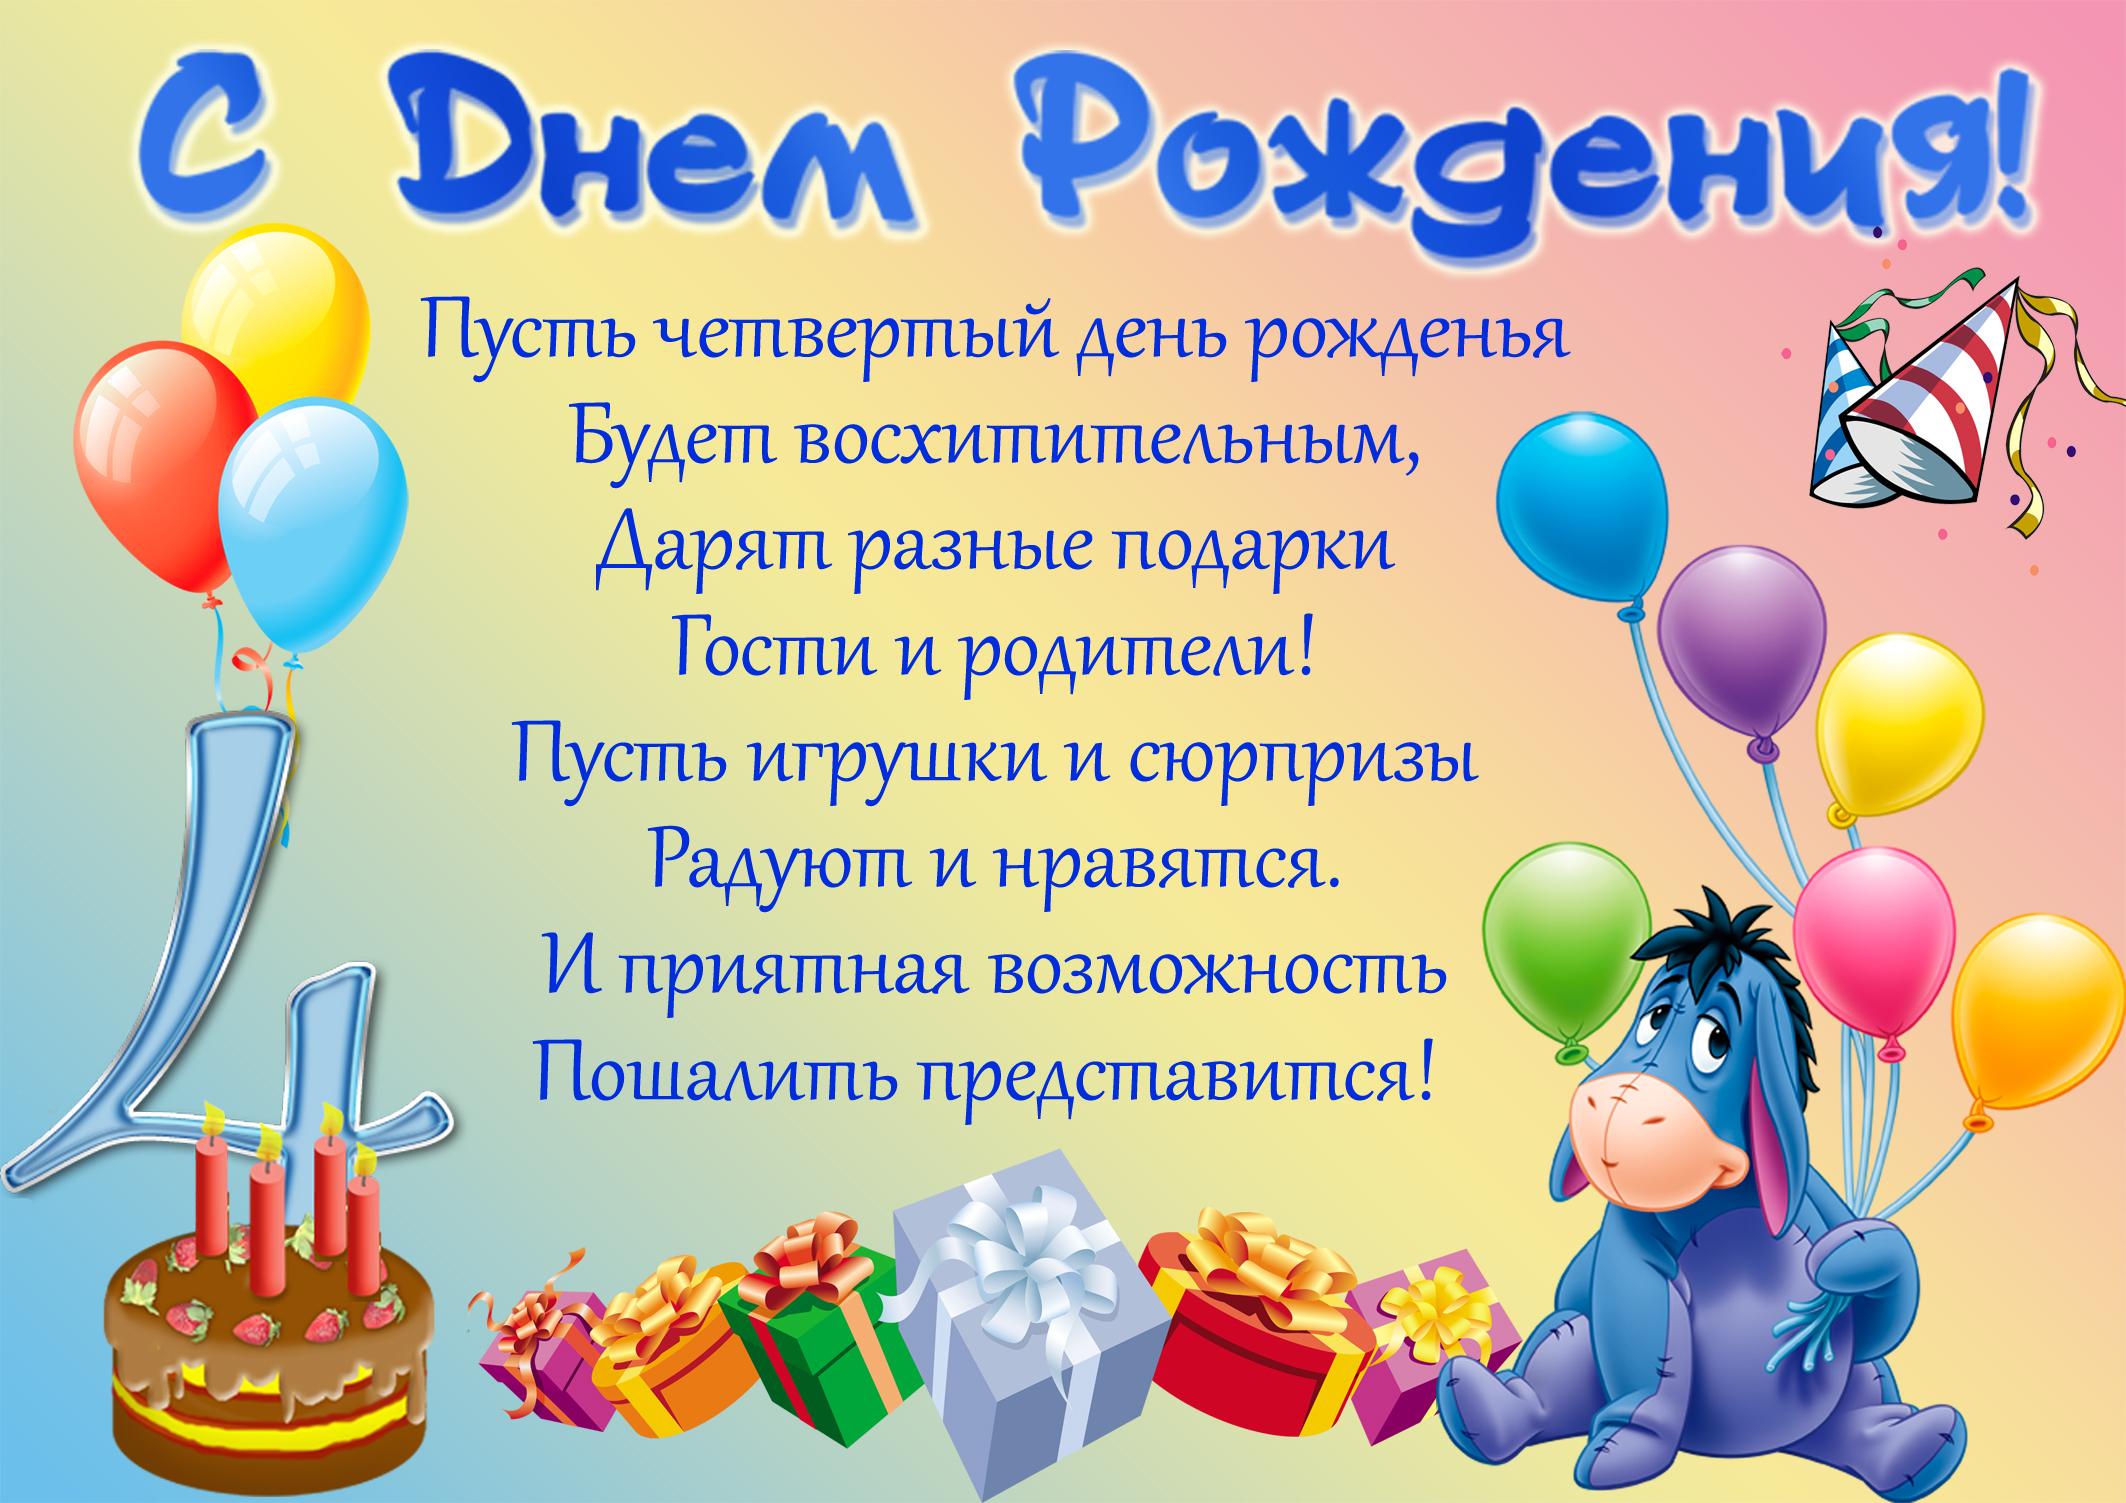 Поздравления родителям с днем рождения ребенку девочке